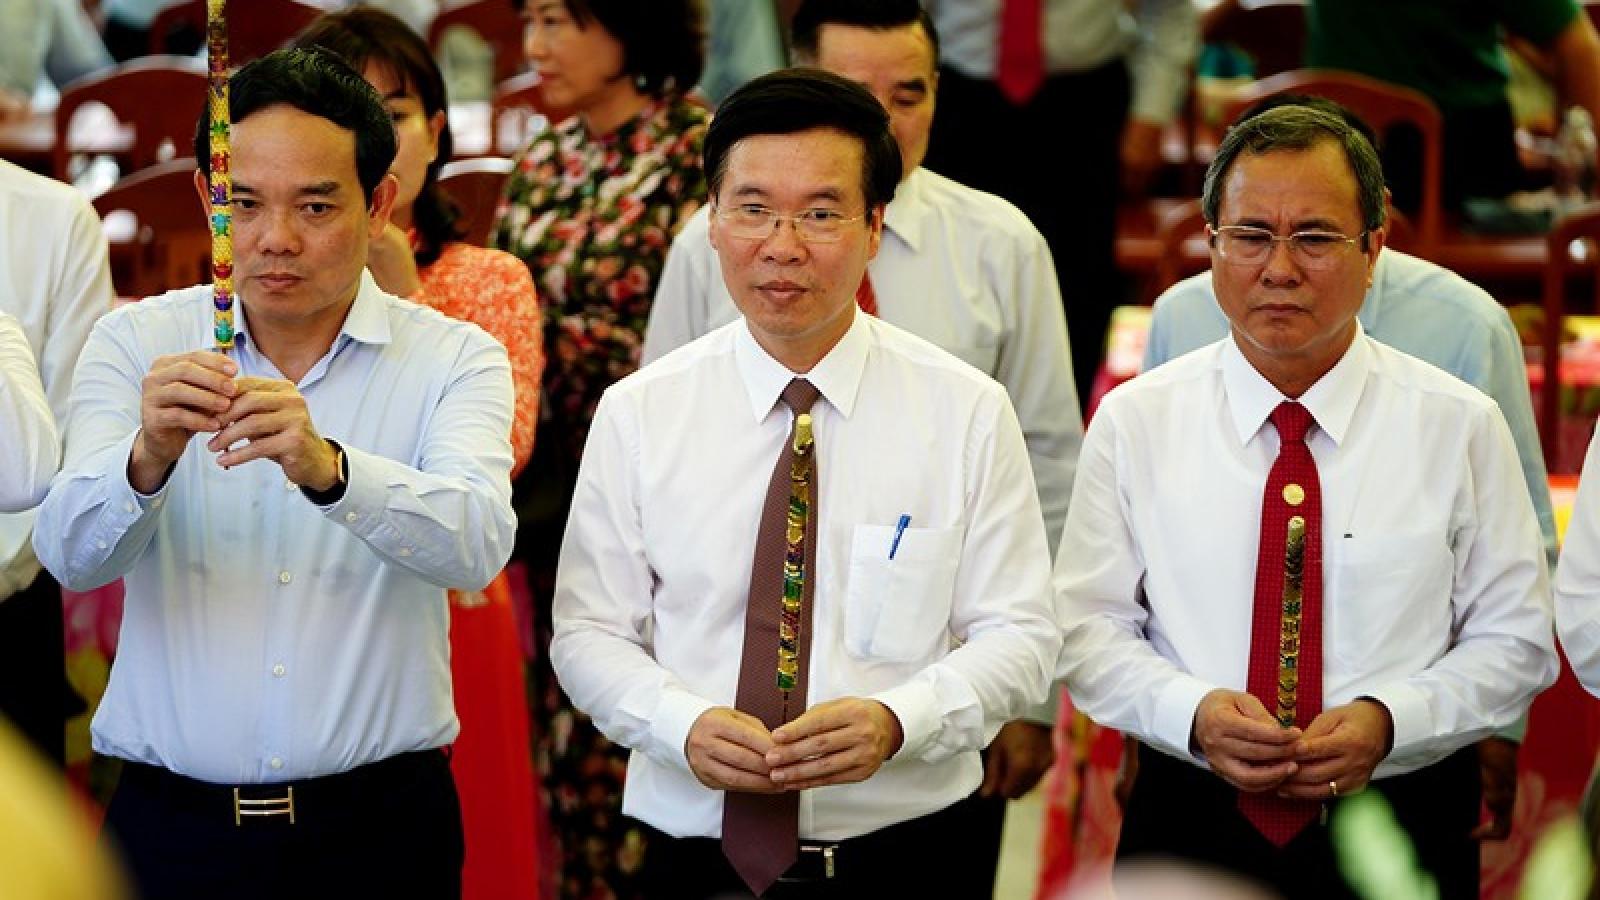 Ông Võ Văn Thưởng dự kỷ niệm 90 năm ngành Tuyên giáo tại Tây Ninh